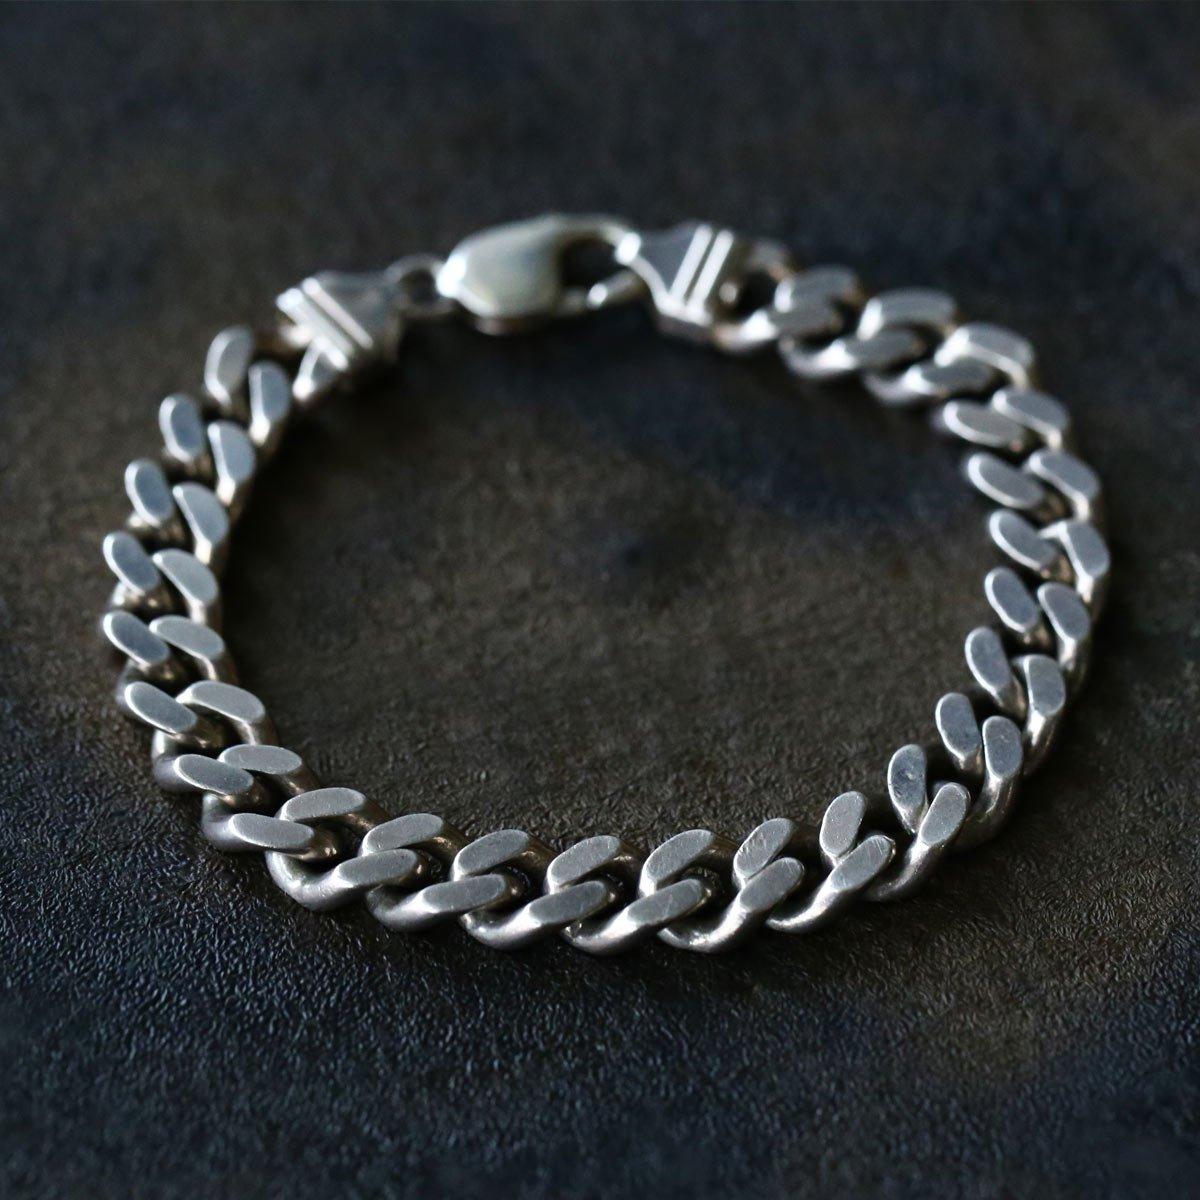 Vintage Silver Chain Bracelet ACH-047